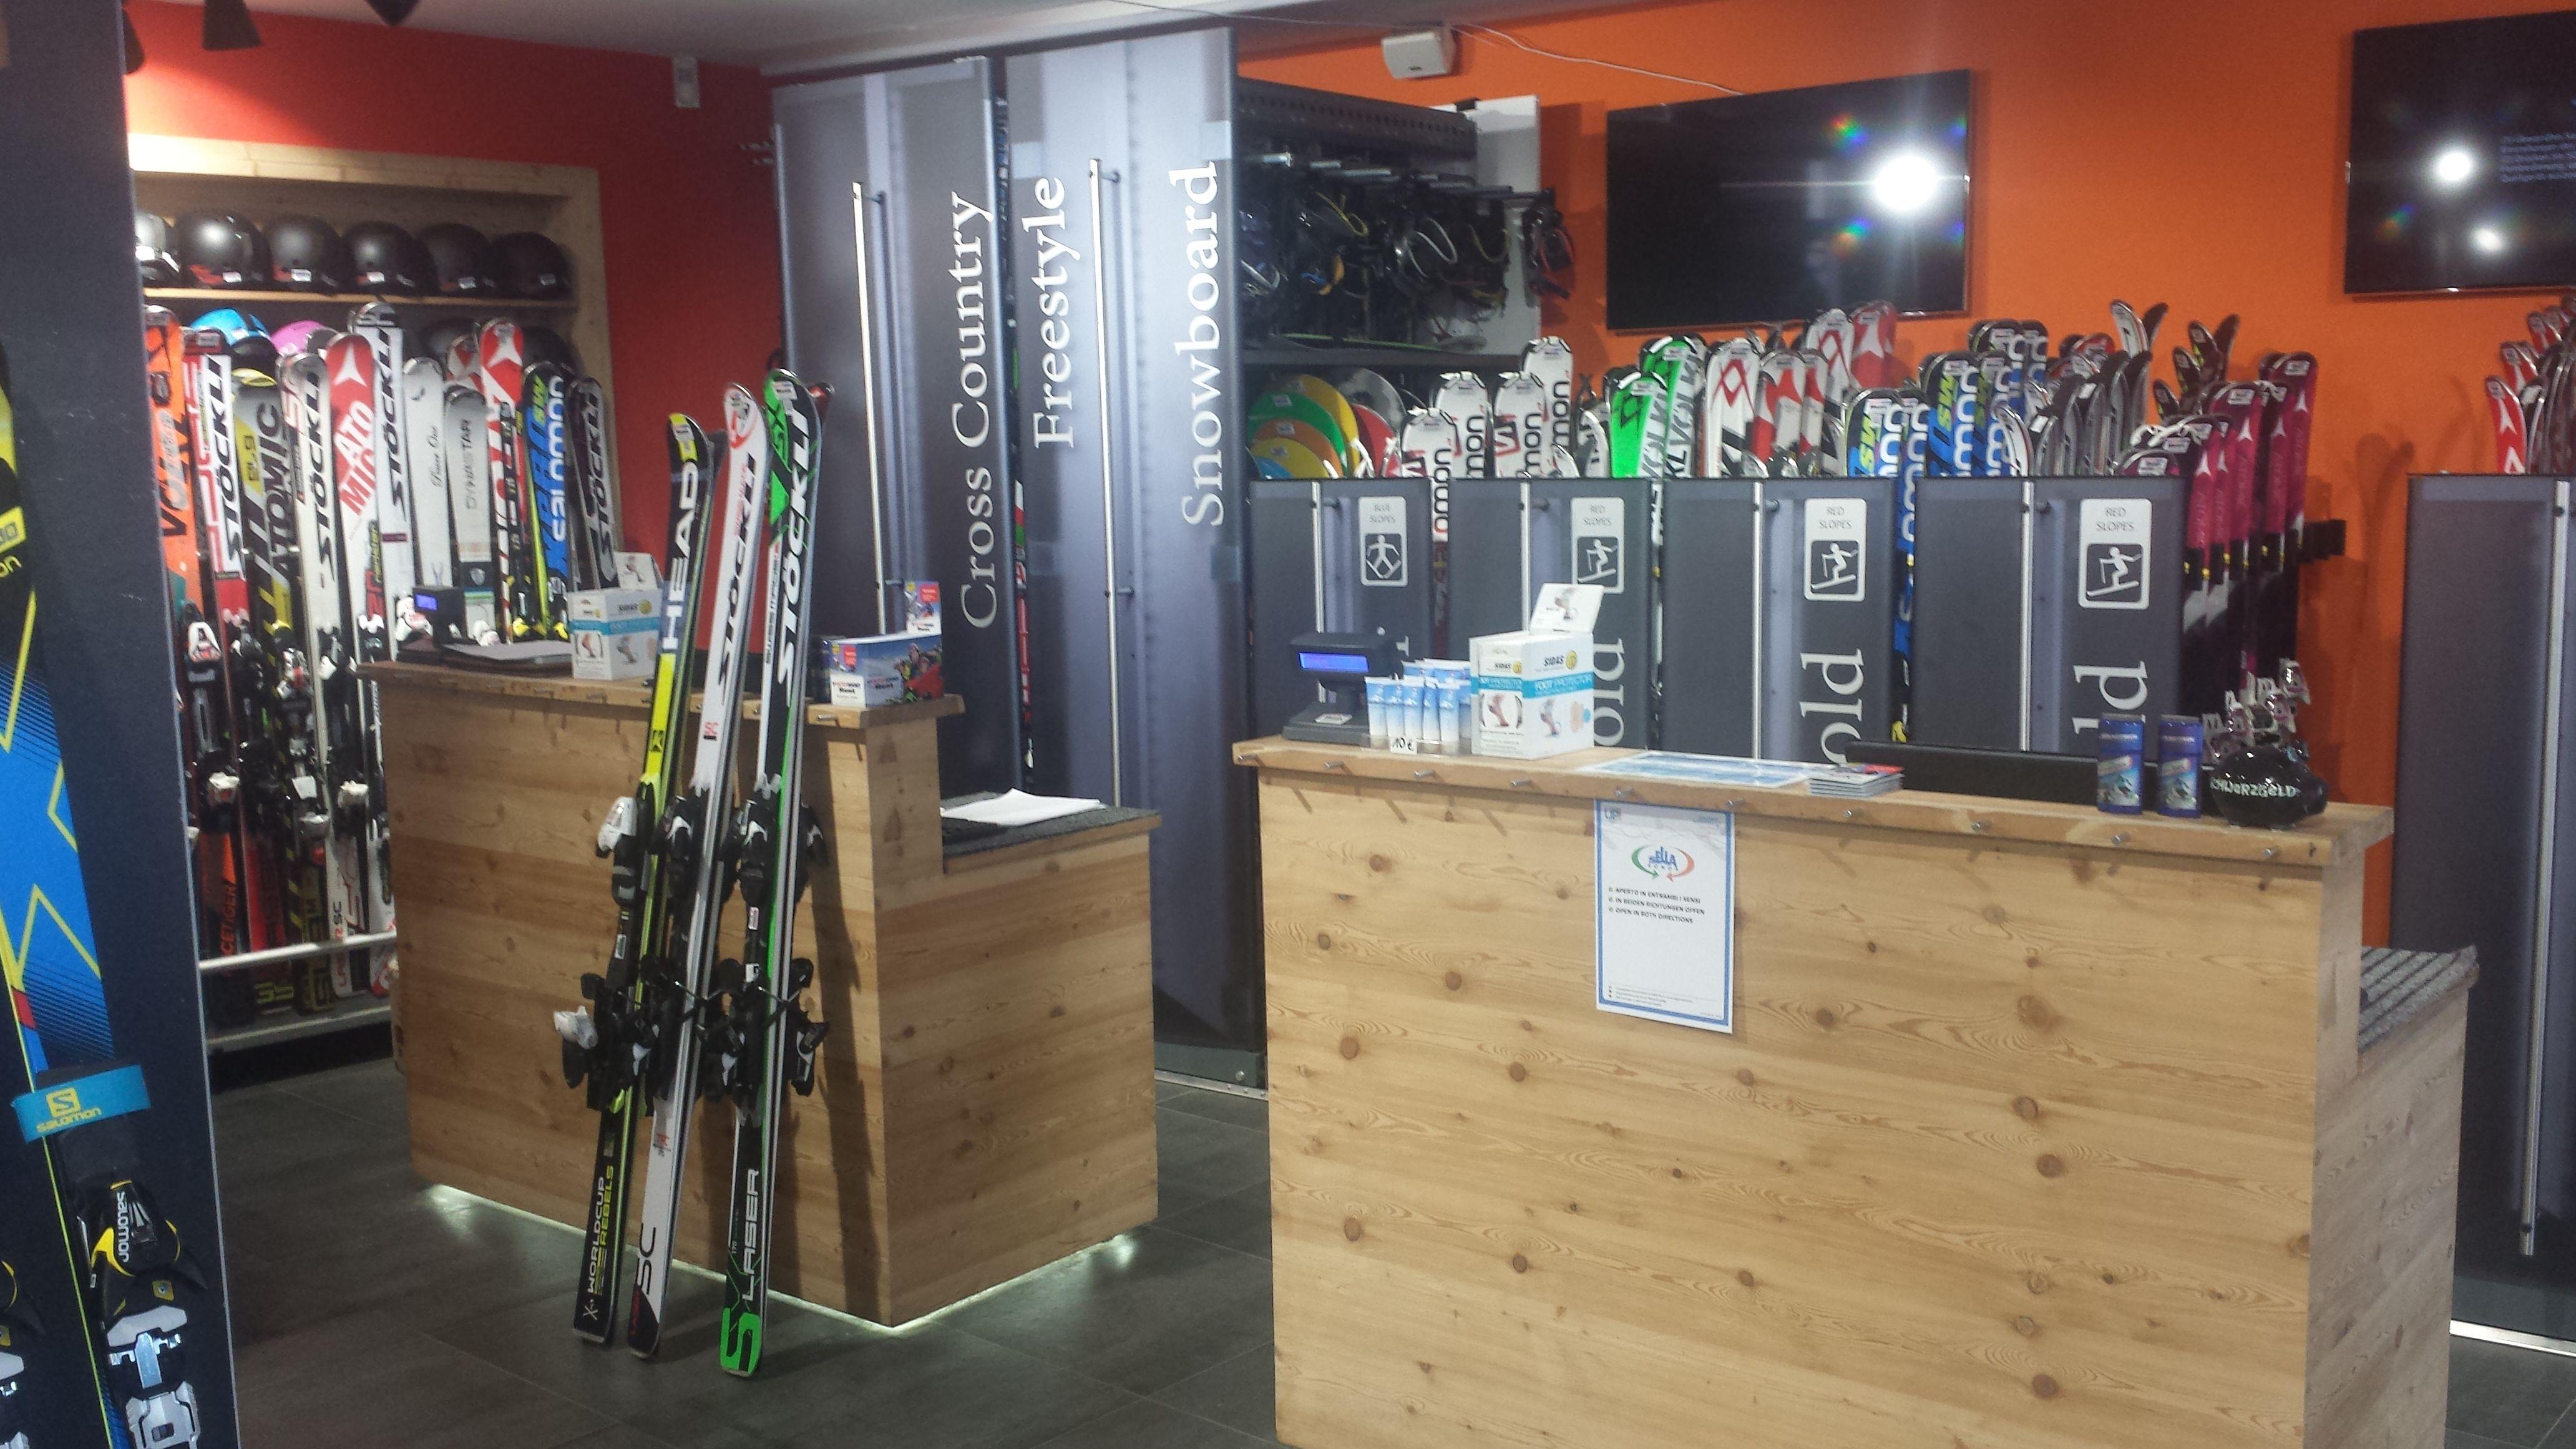 Interni di un noleggio sci che utilizza Rent-all